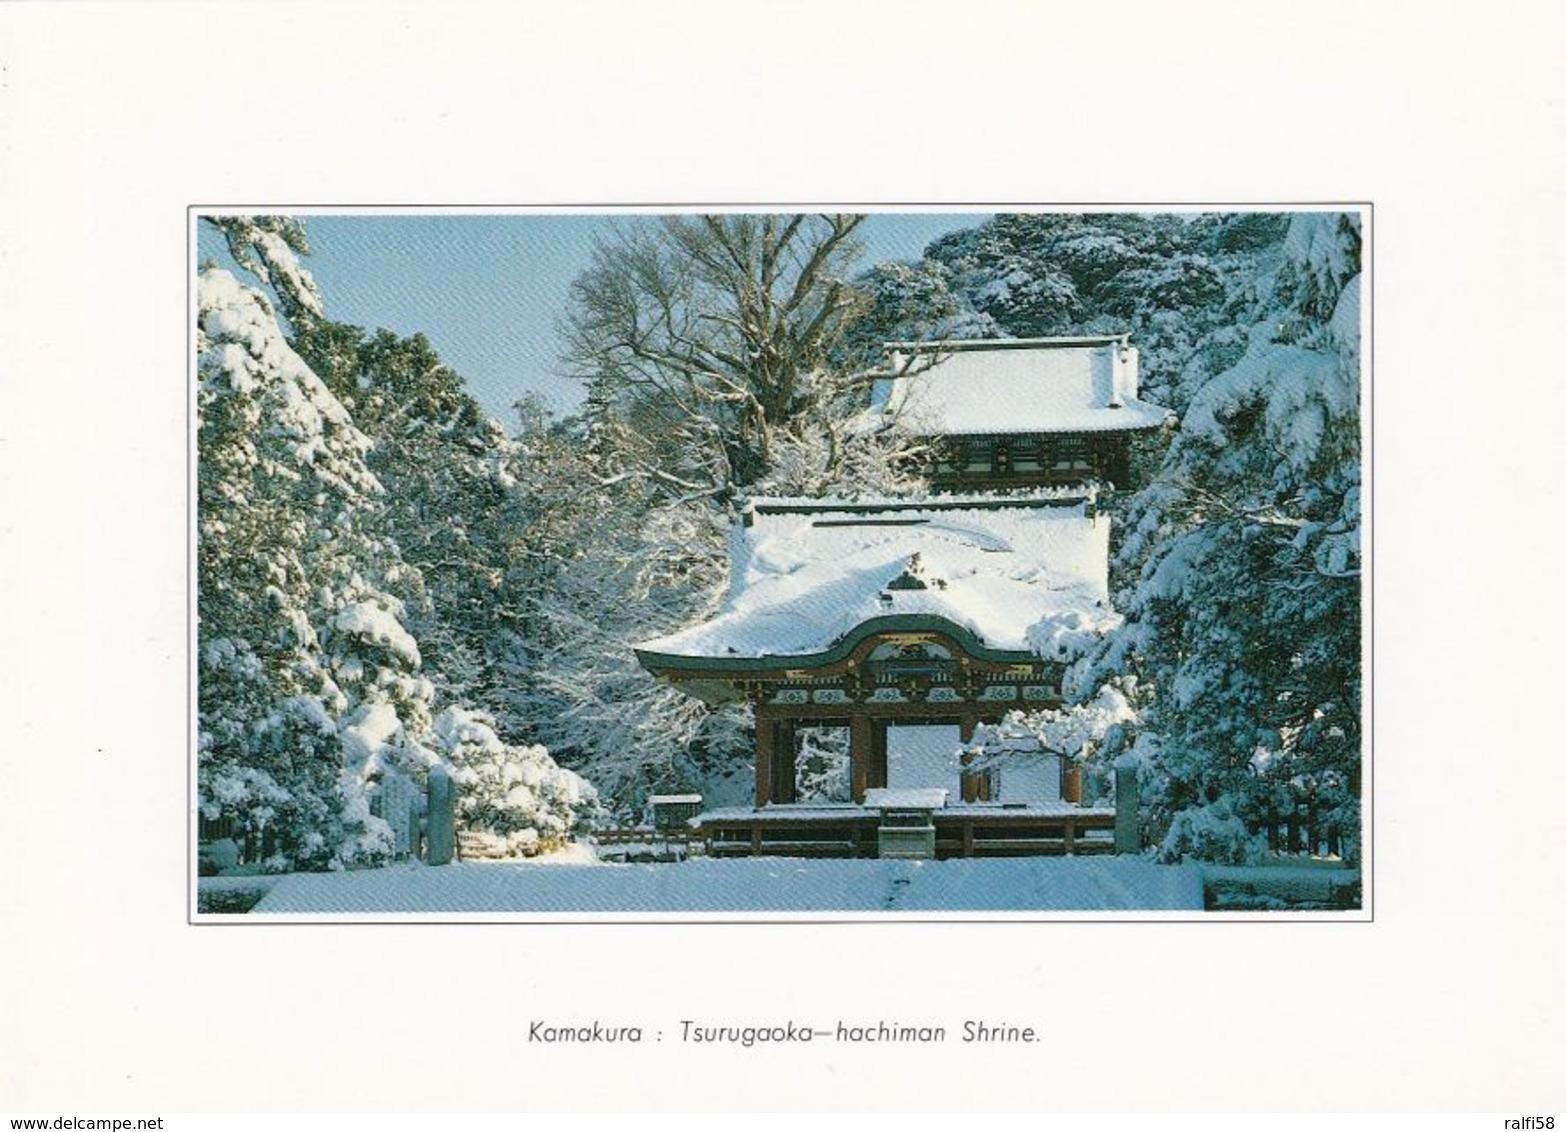 1 AK Japan * Der Tsurugaoka Hachiman Shrine - Der Wichtigste Shintō-Schrein In Der Stadt Kamakura * - Japon